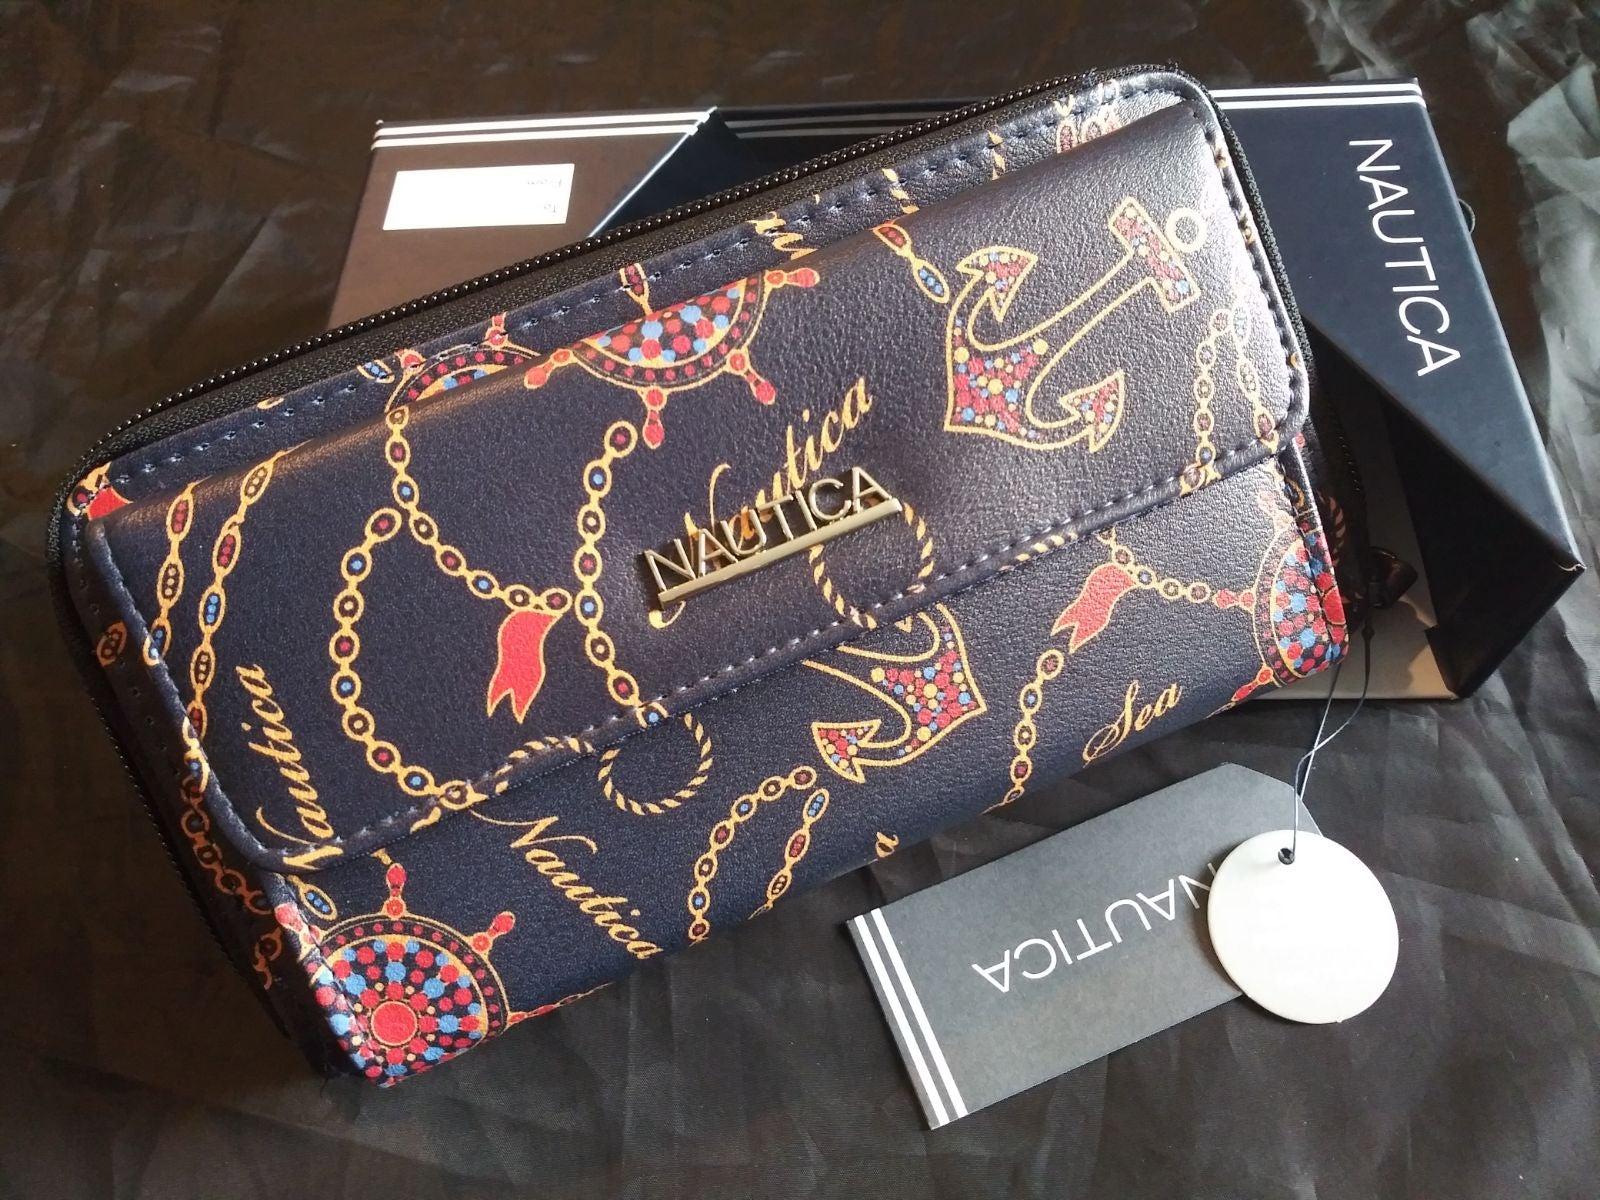 Nautica Handbag Wallet